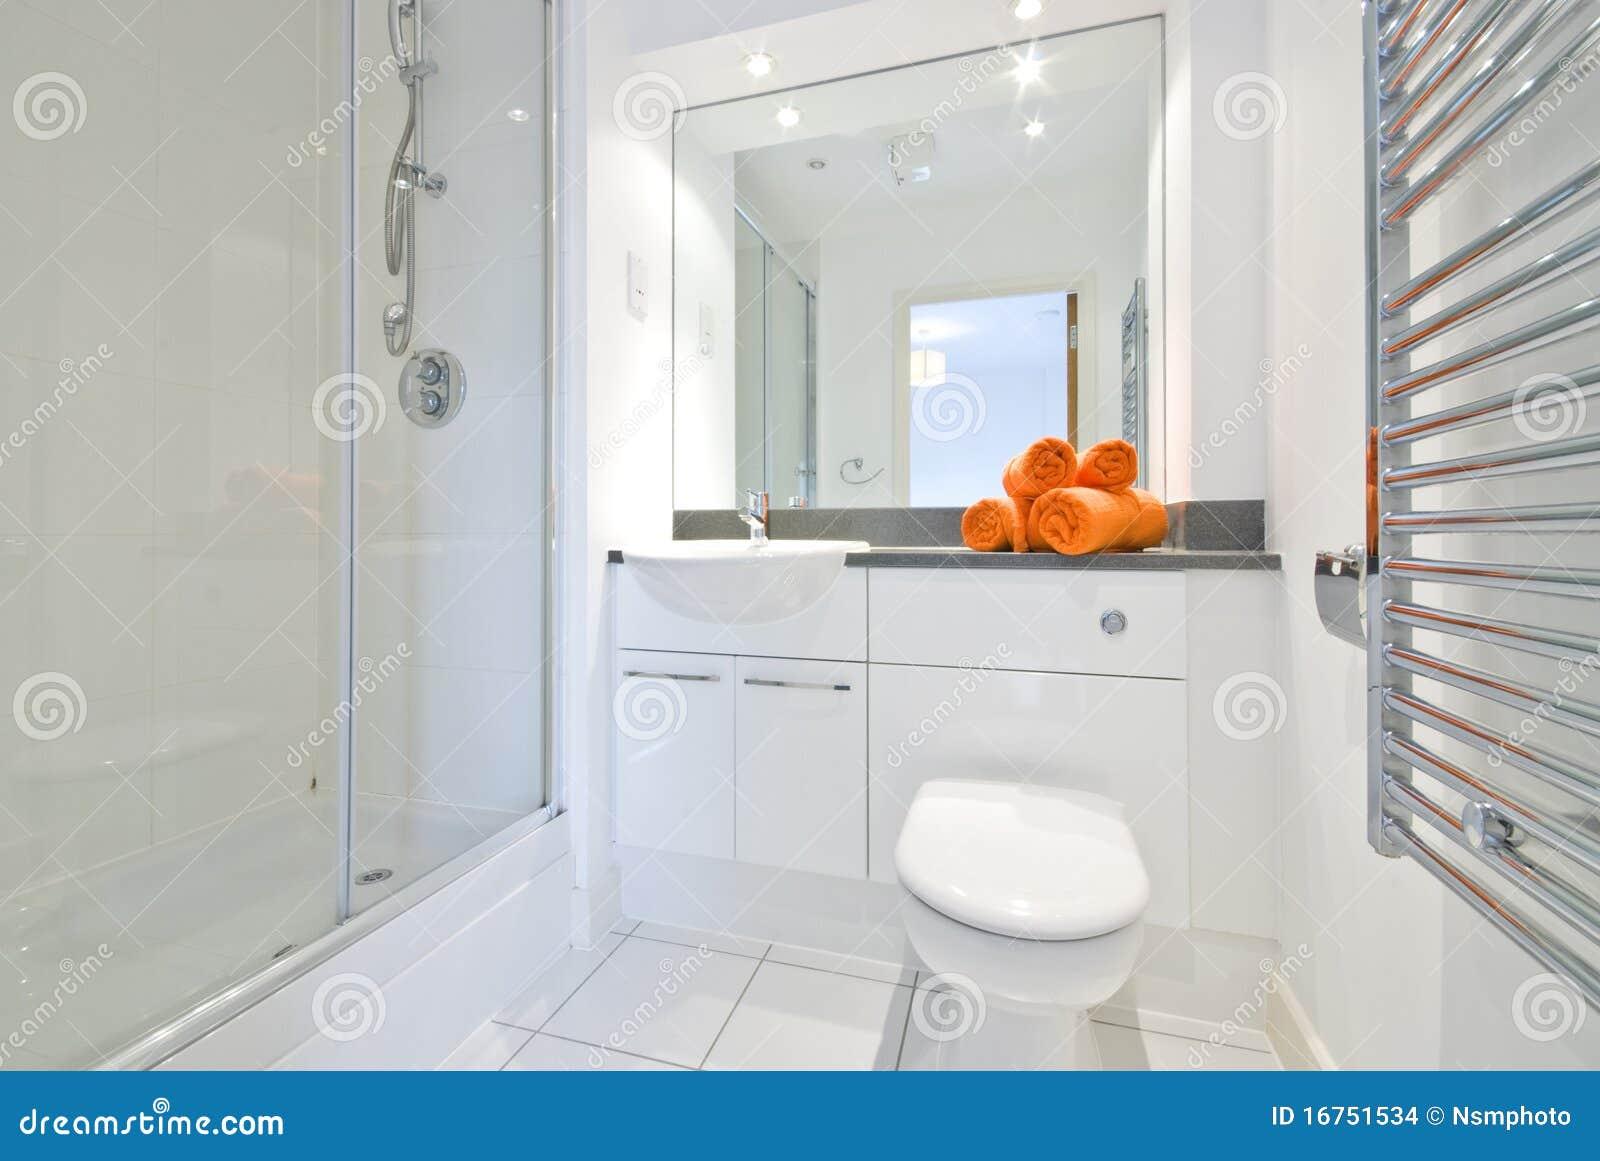 Moderne badkamers in witte grote doucheruimte stock afbeeldingen beeld 16751534 - Badkamers bassin italiaanse design ...